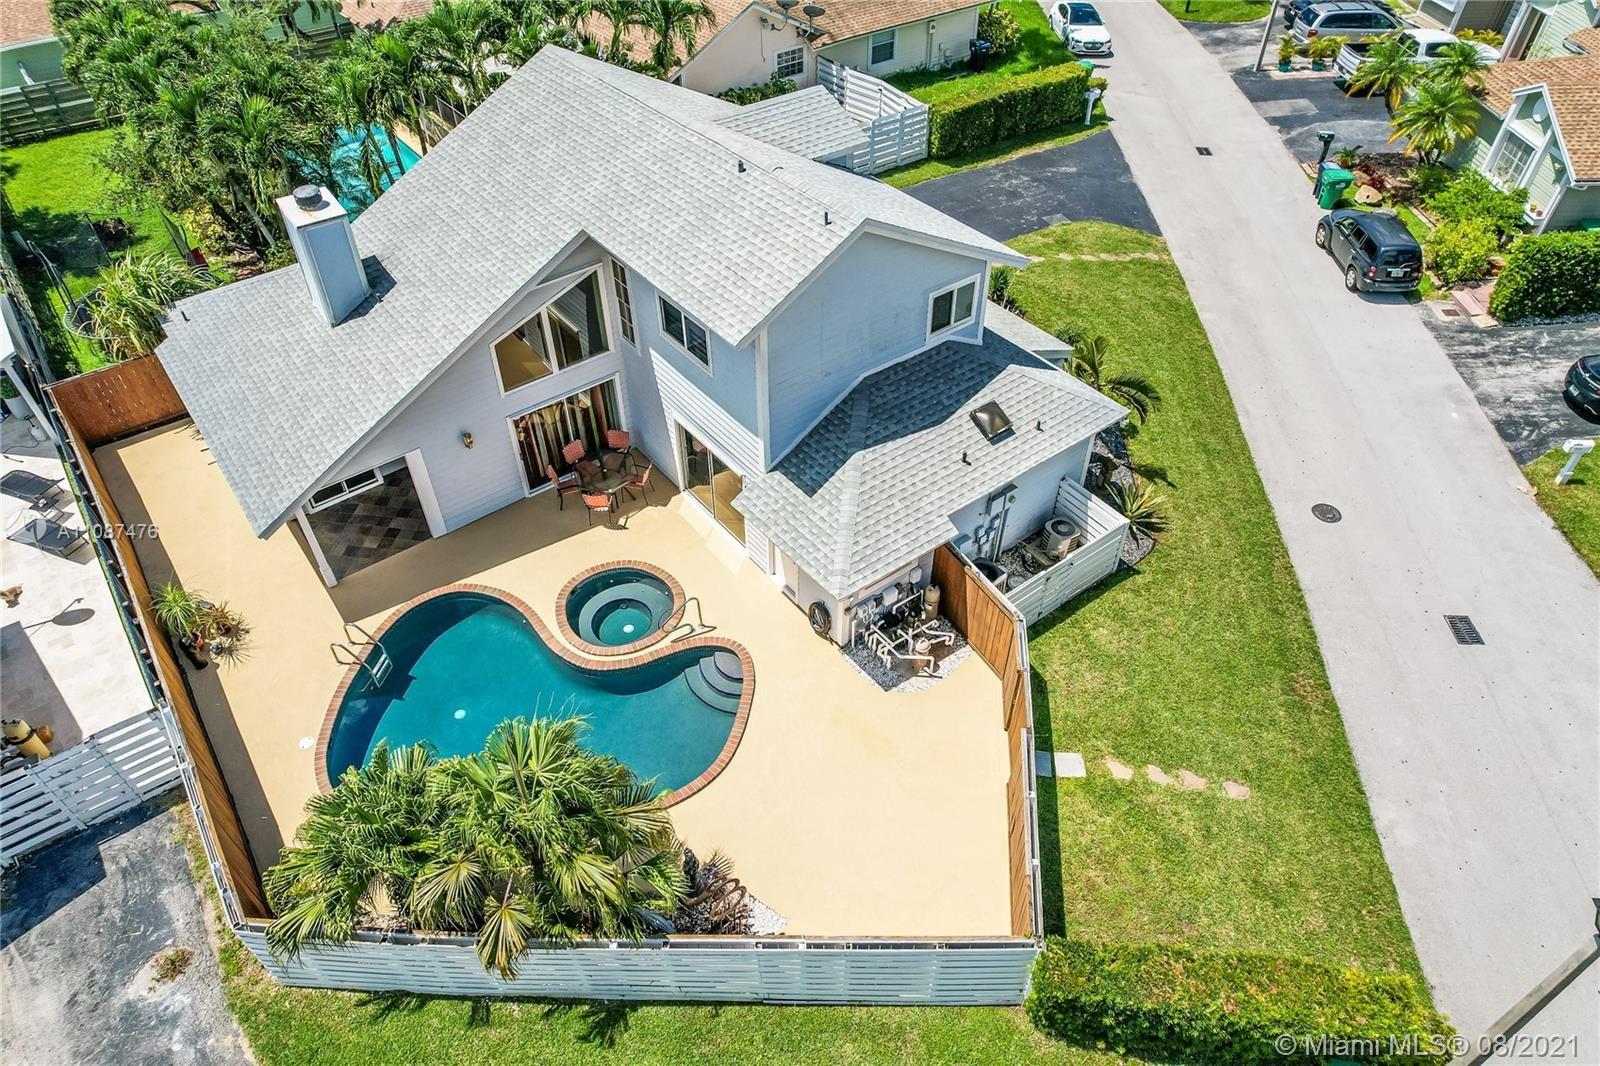 10095 SW 141st Ct, Miami, FL 33186 - #: A11087476